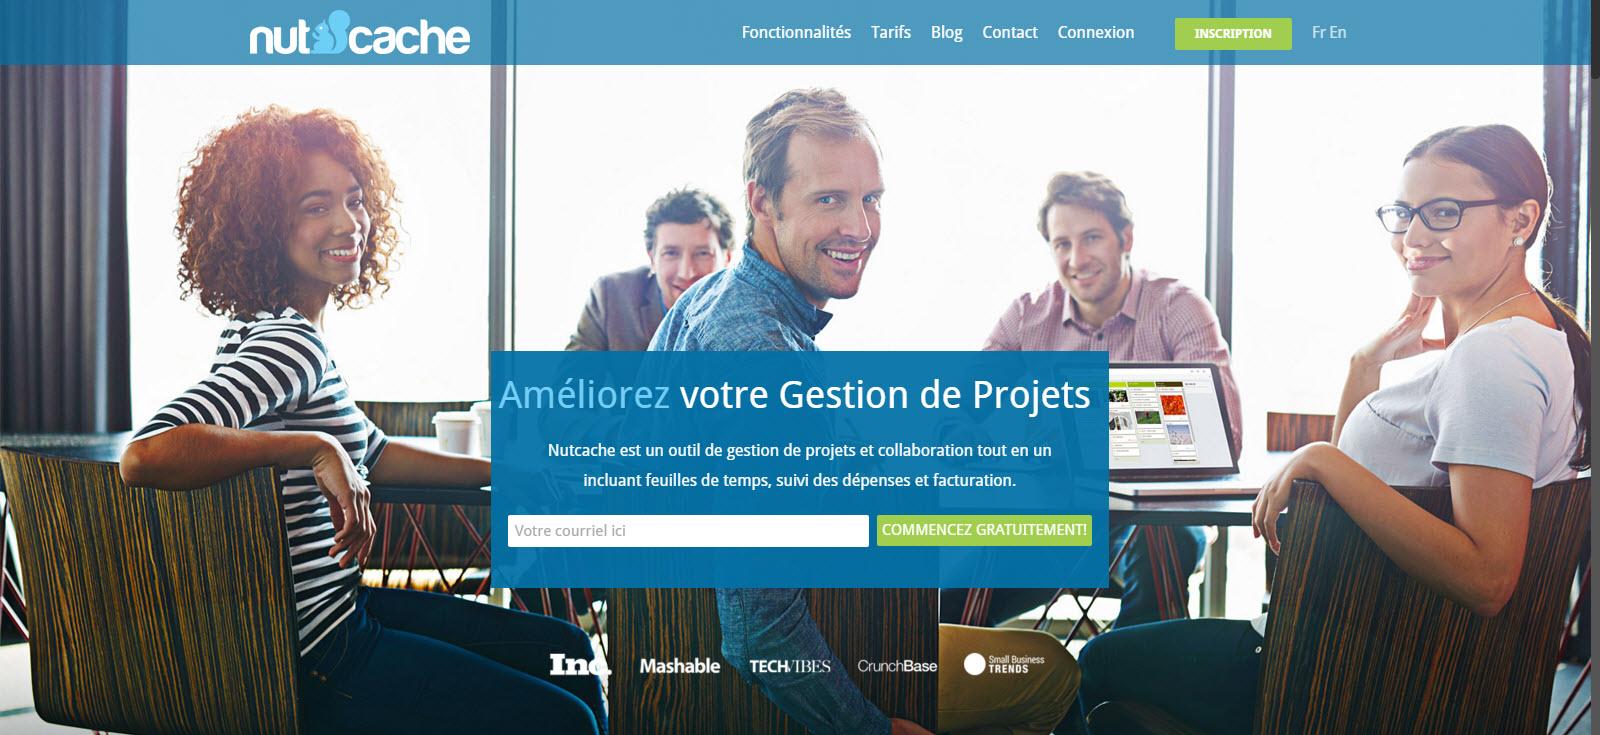 Nutcache : L'application qui booste vos projets !